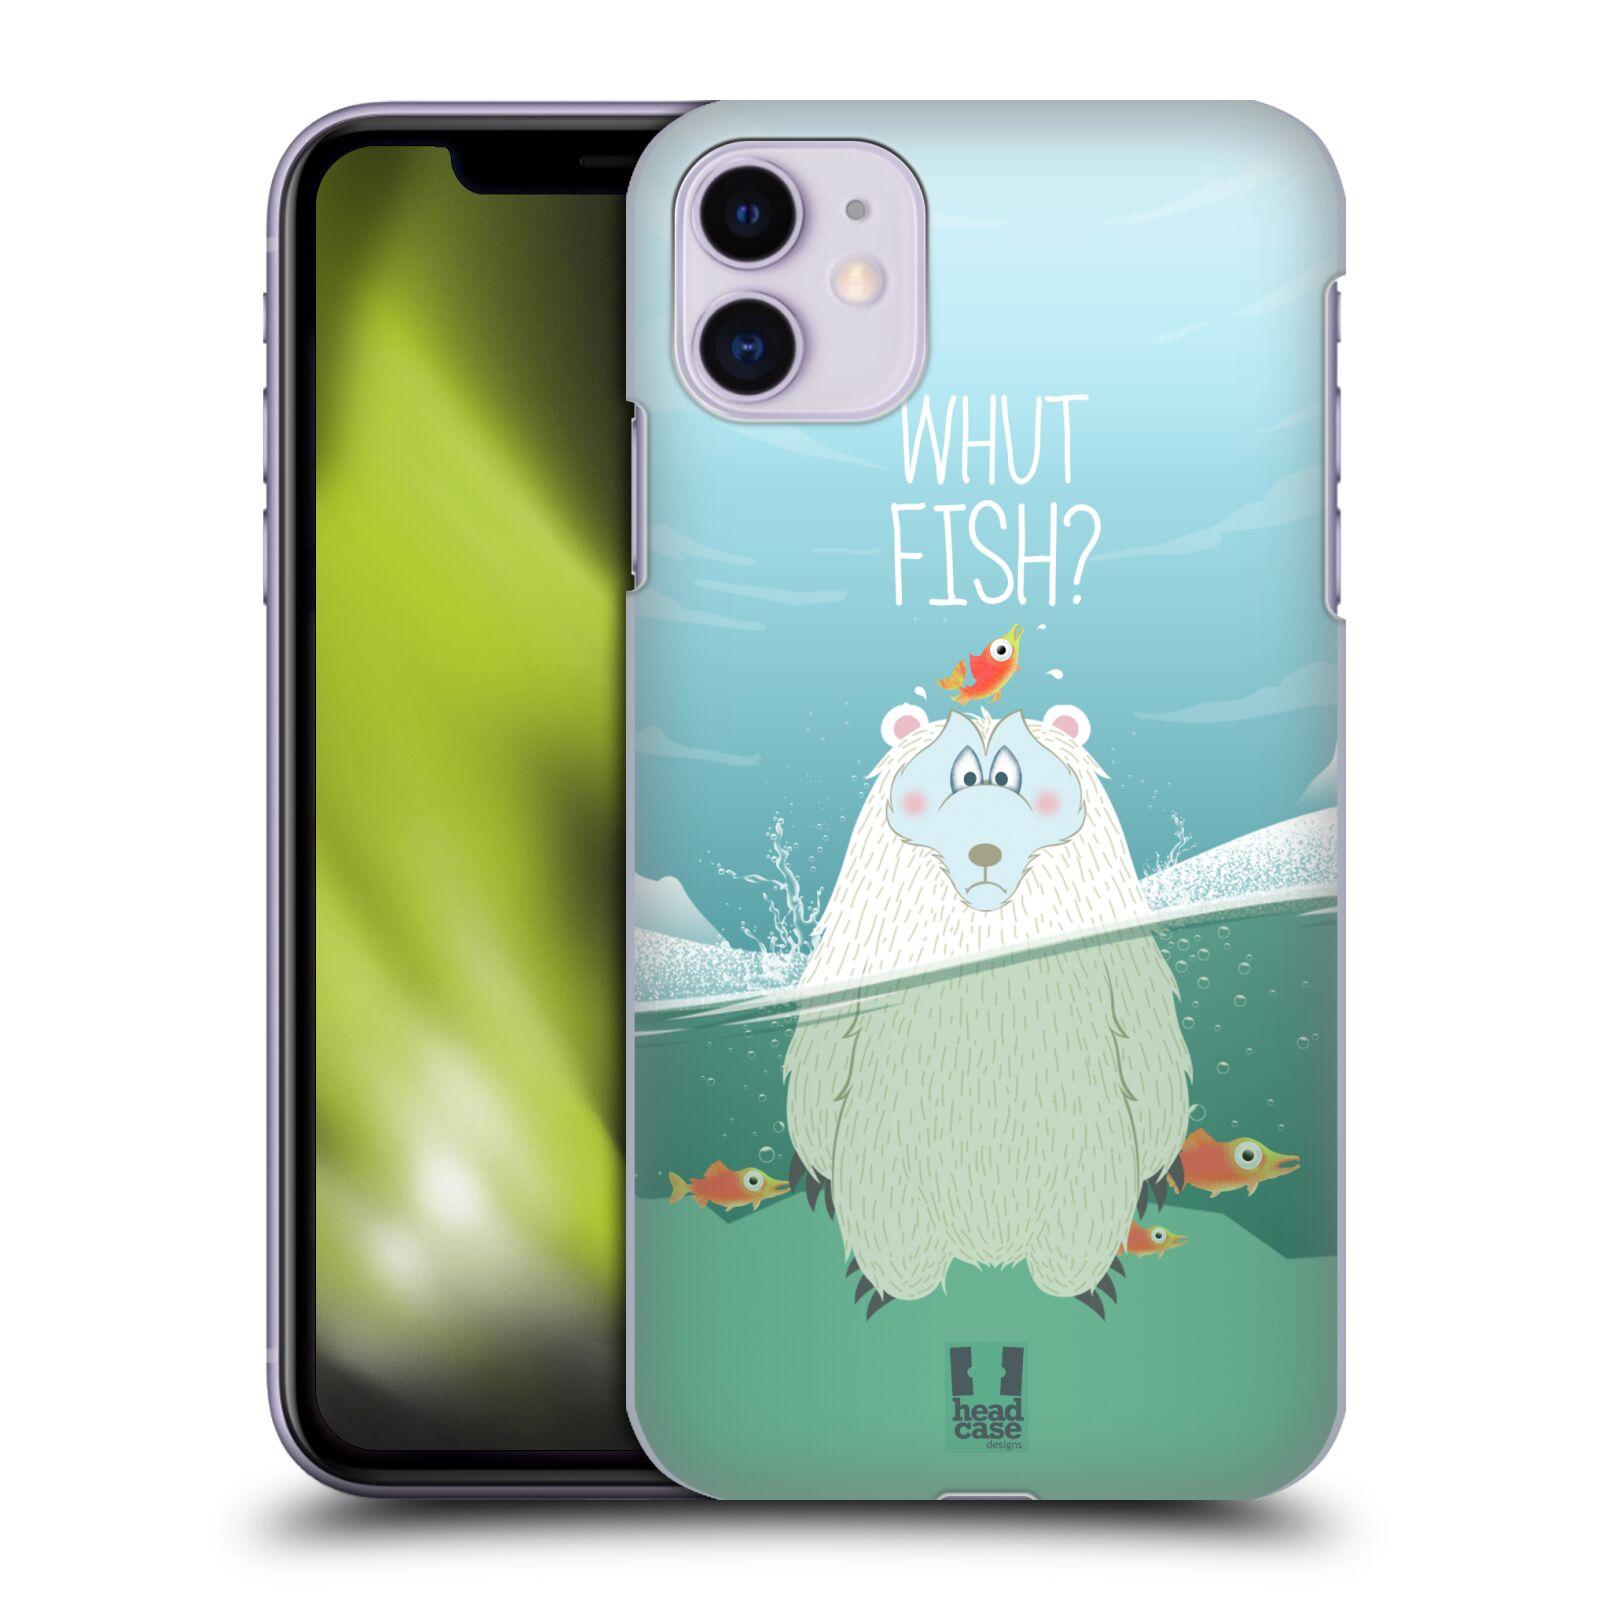 Plastové pouzdro na mobil Apple iPhone 11 - Head Case - Medvěd Whut Fish?